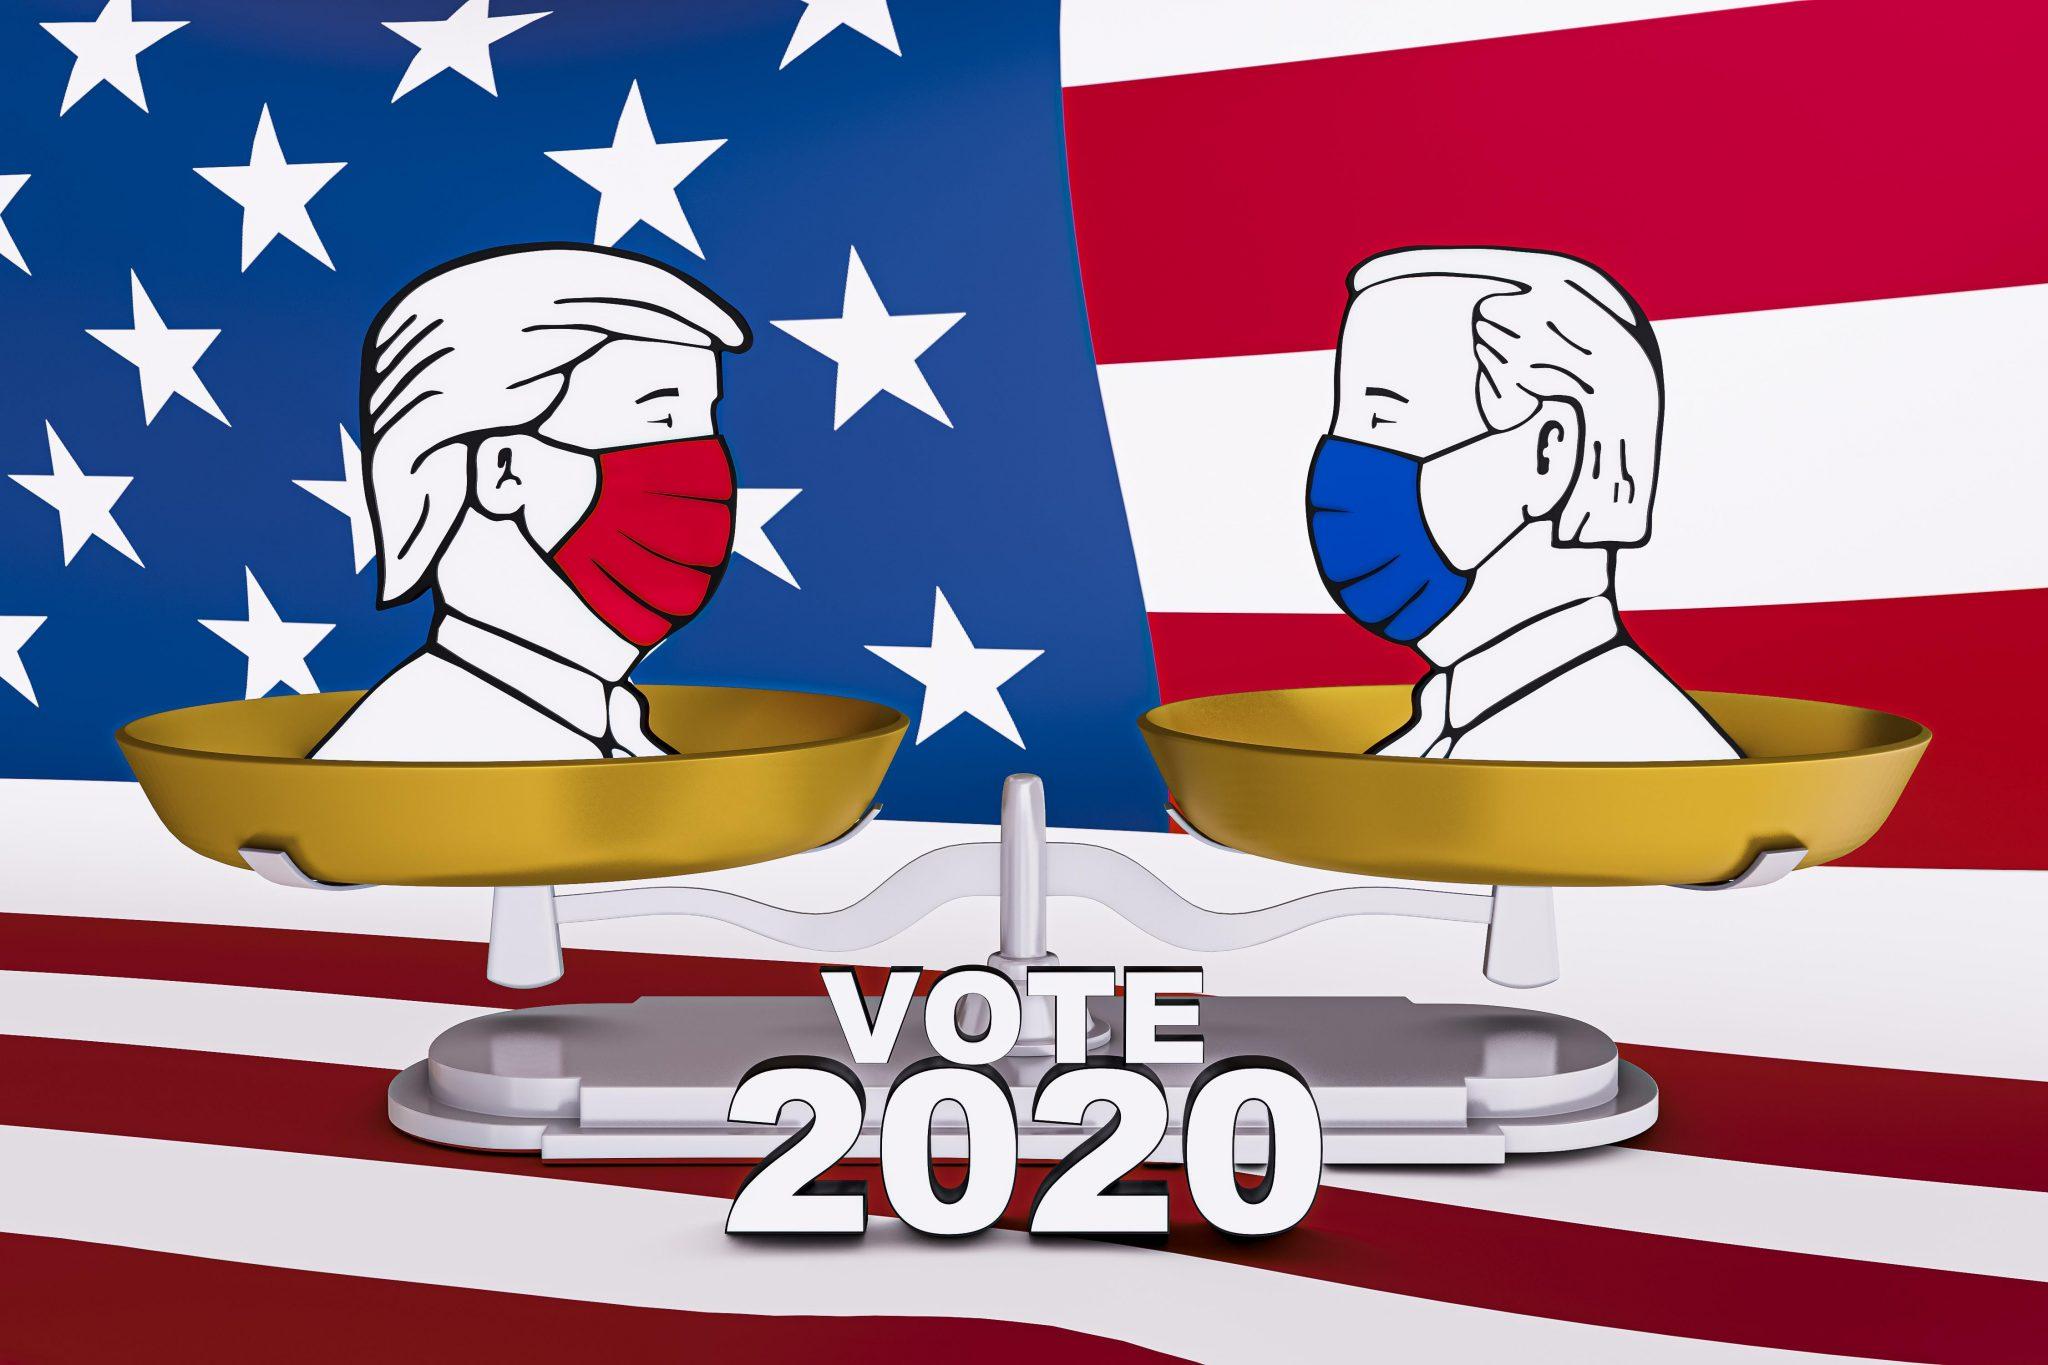 Eleições americanas em 2020